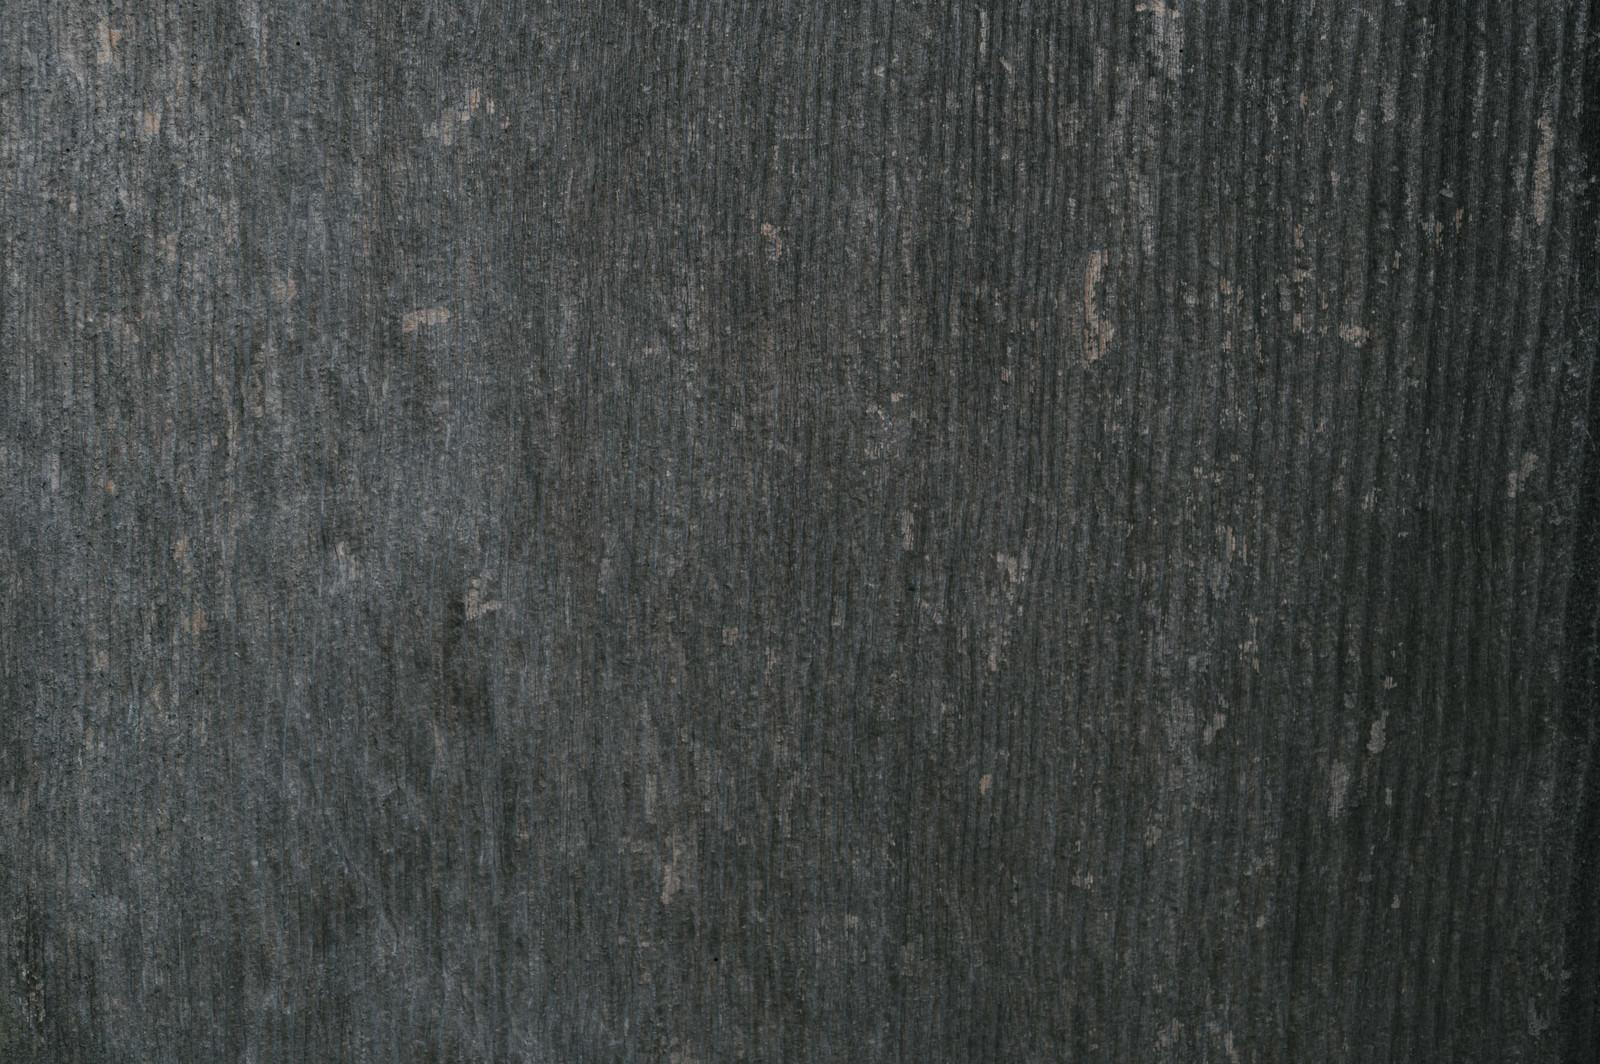 「ざらついた木の壁(テクスチャ)」の写真